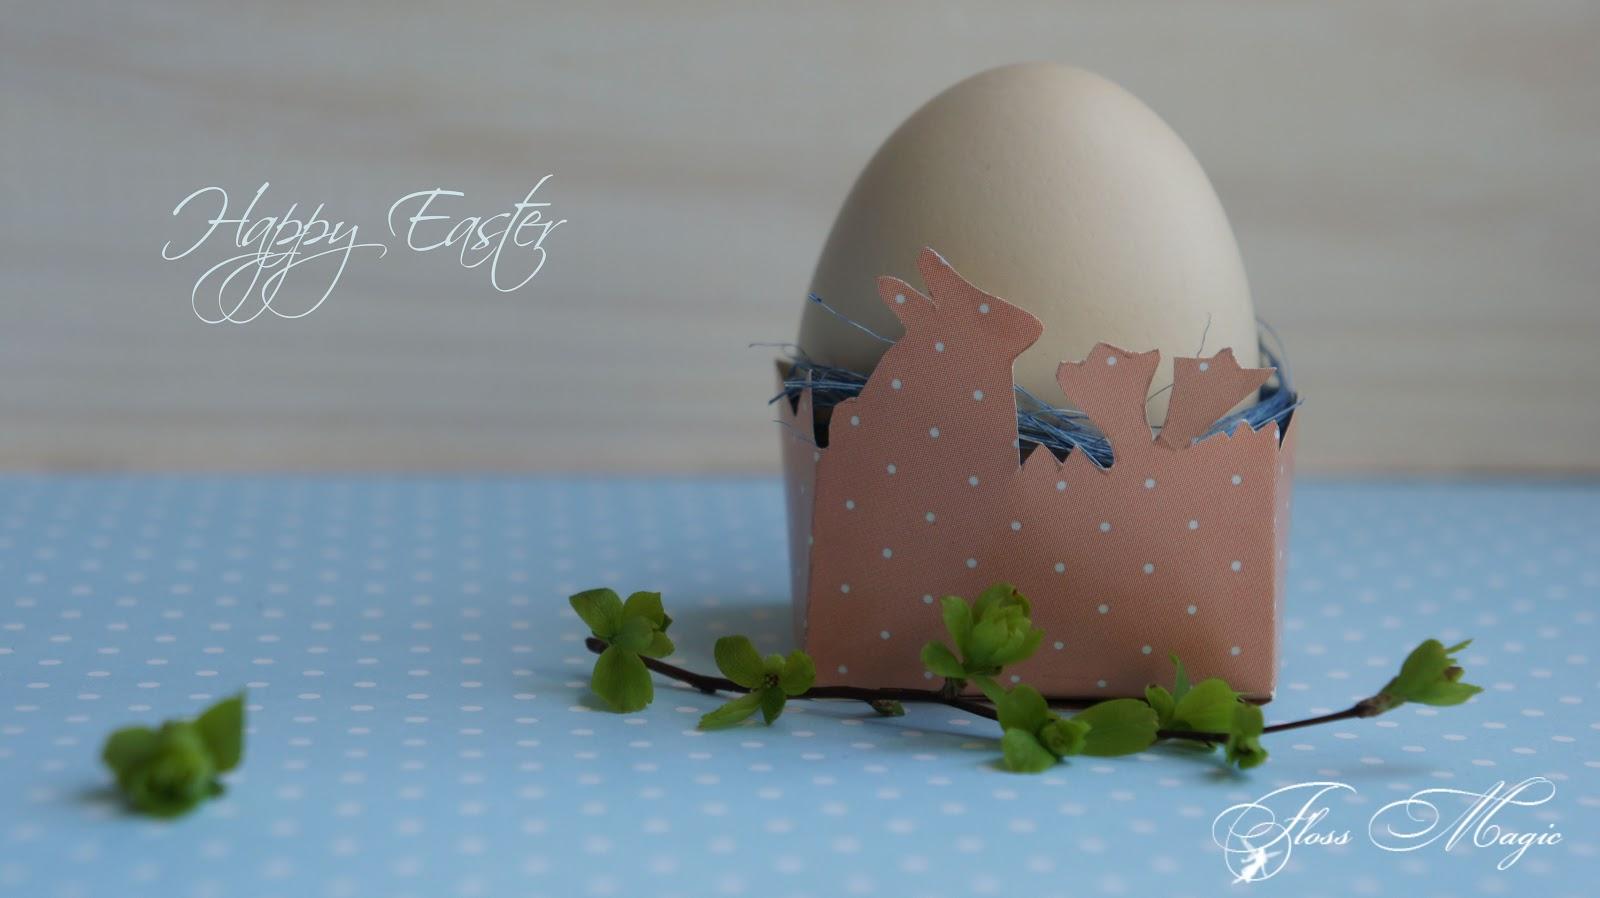 Светлый праздник Пасха!